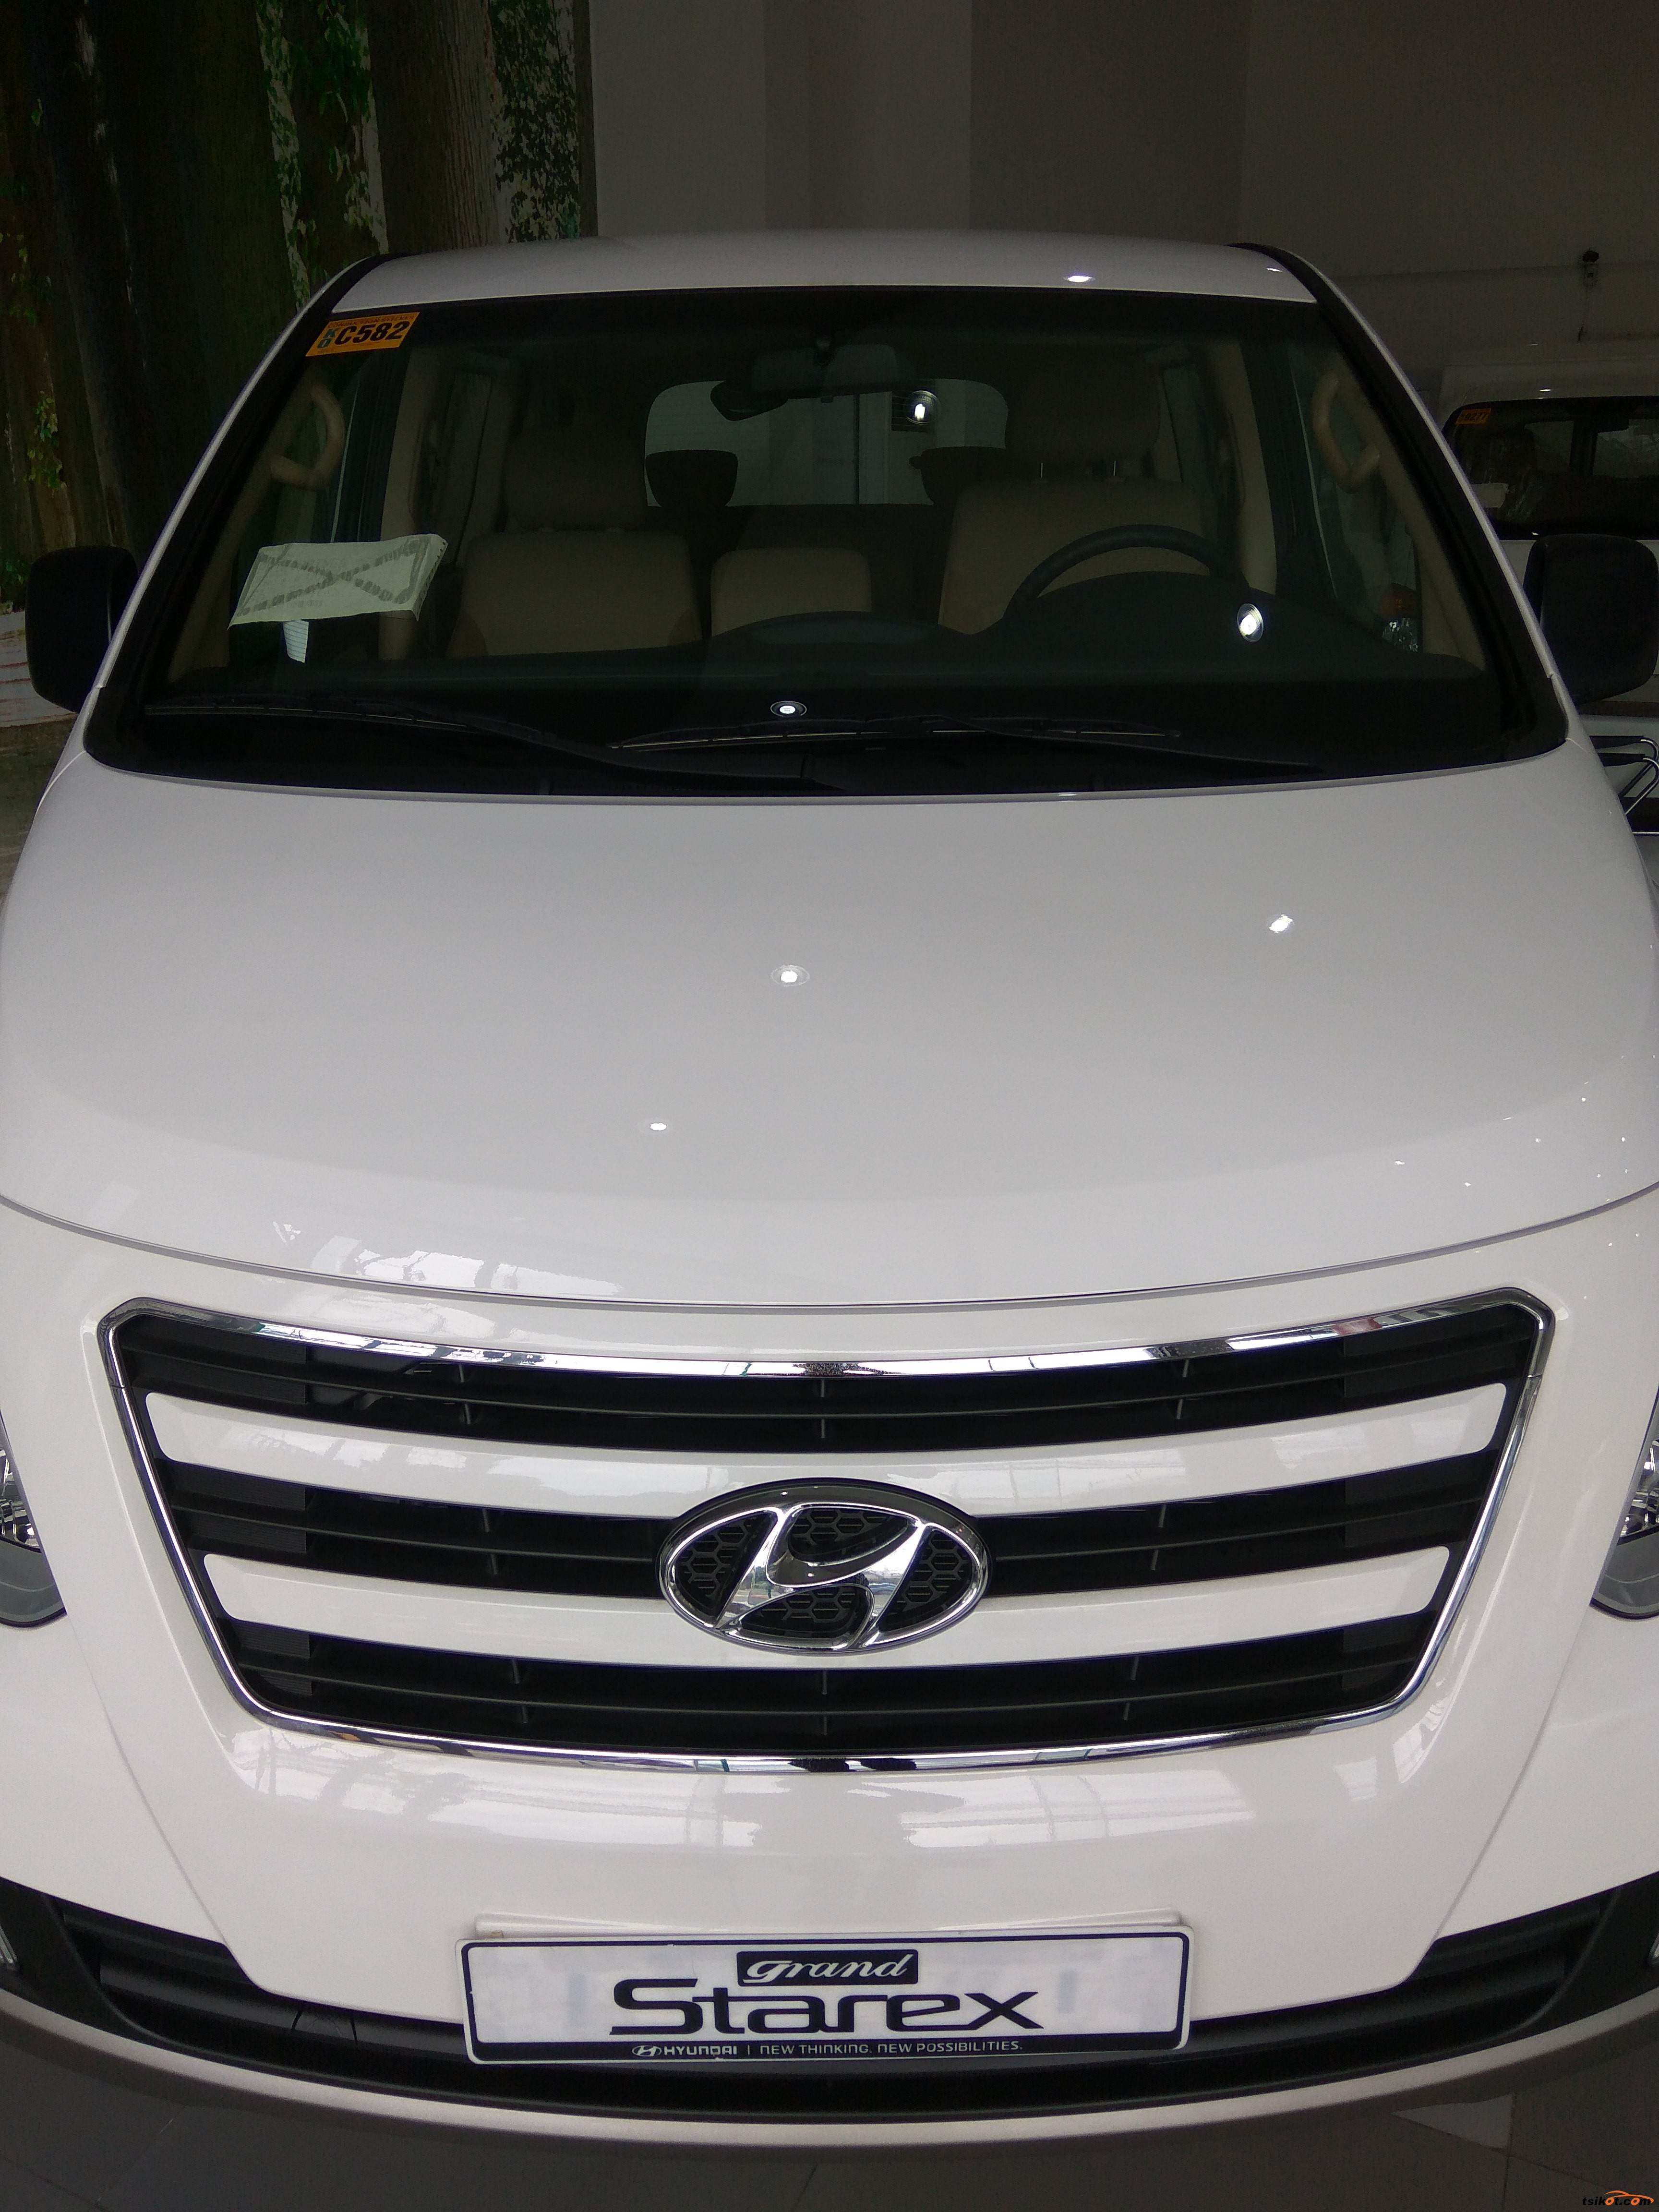 Hyundai Grand Starex 2018 - 2